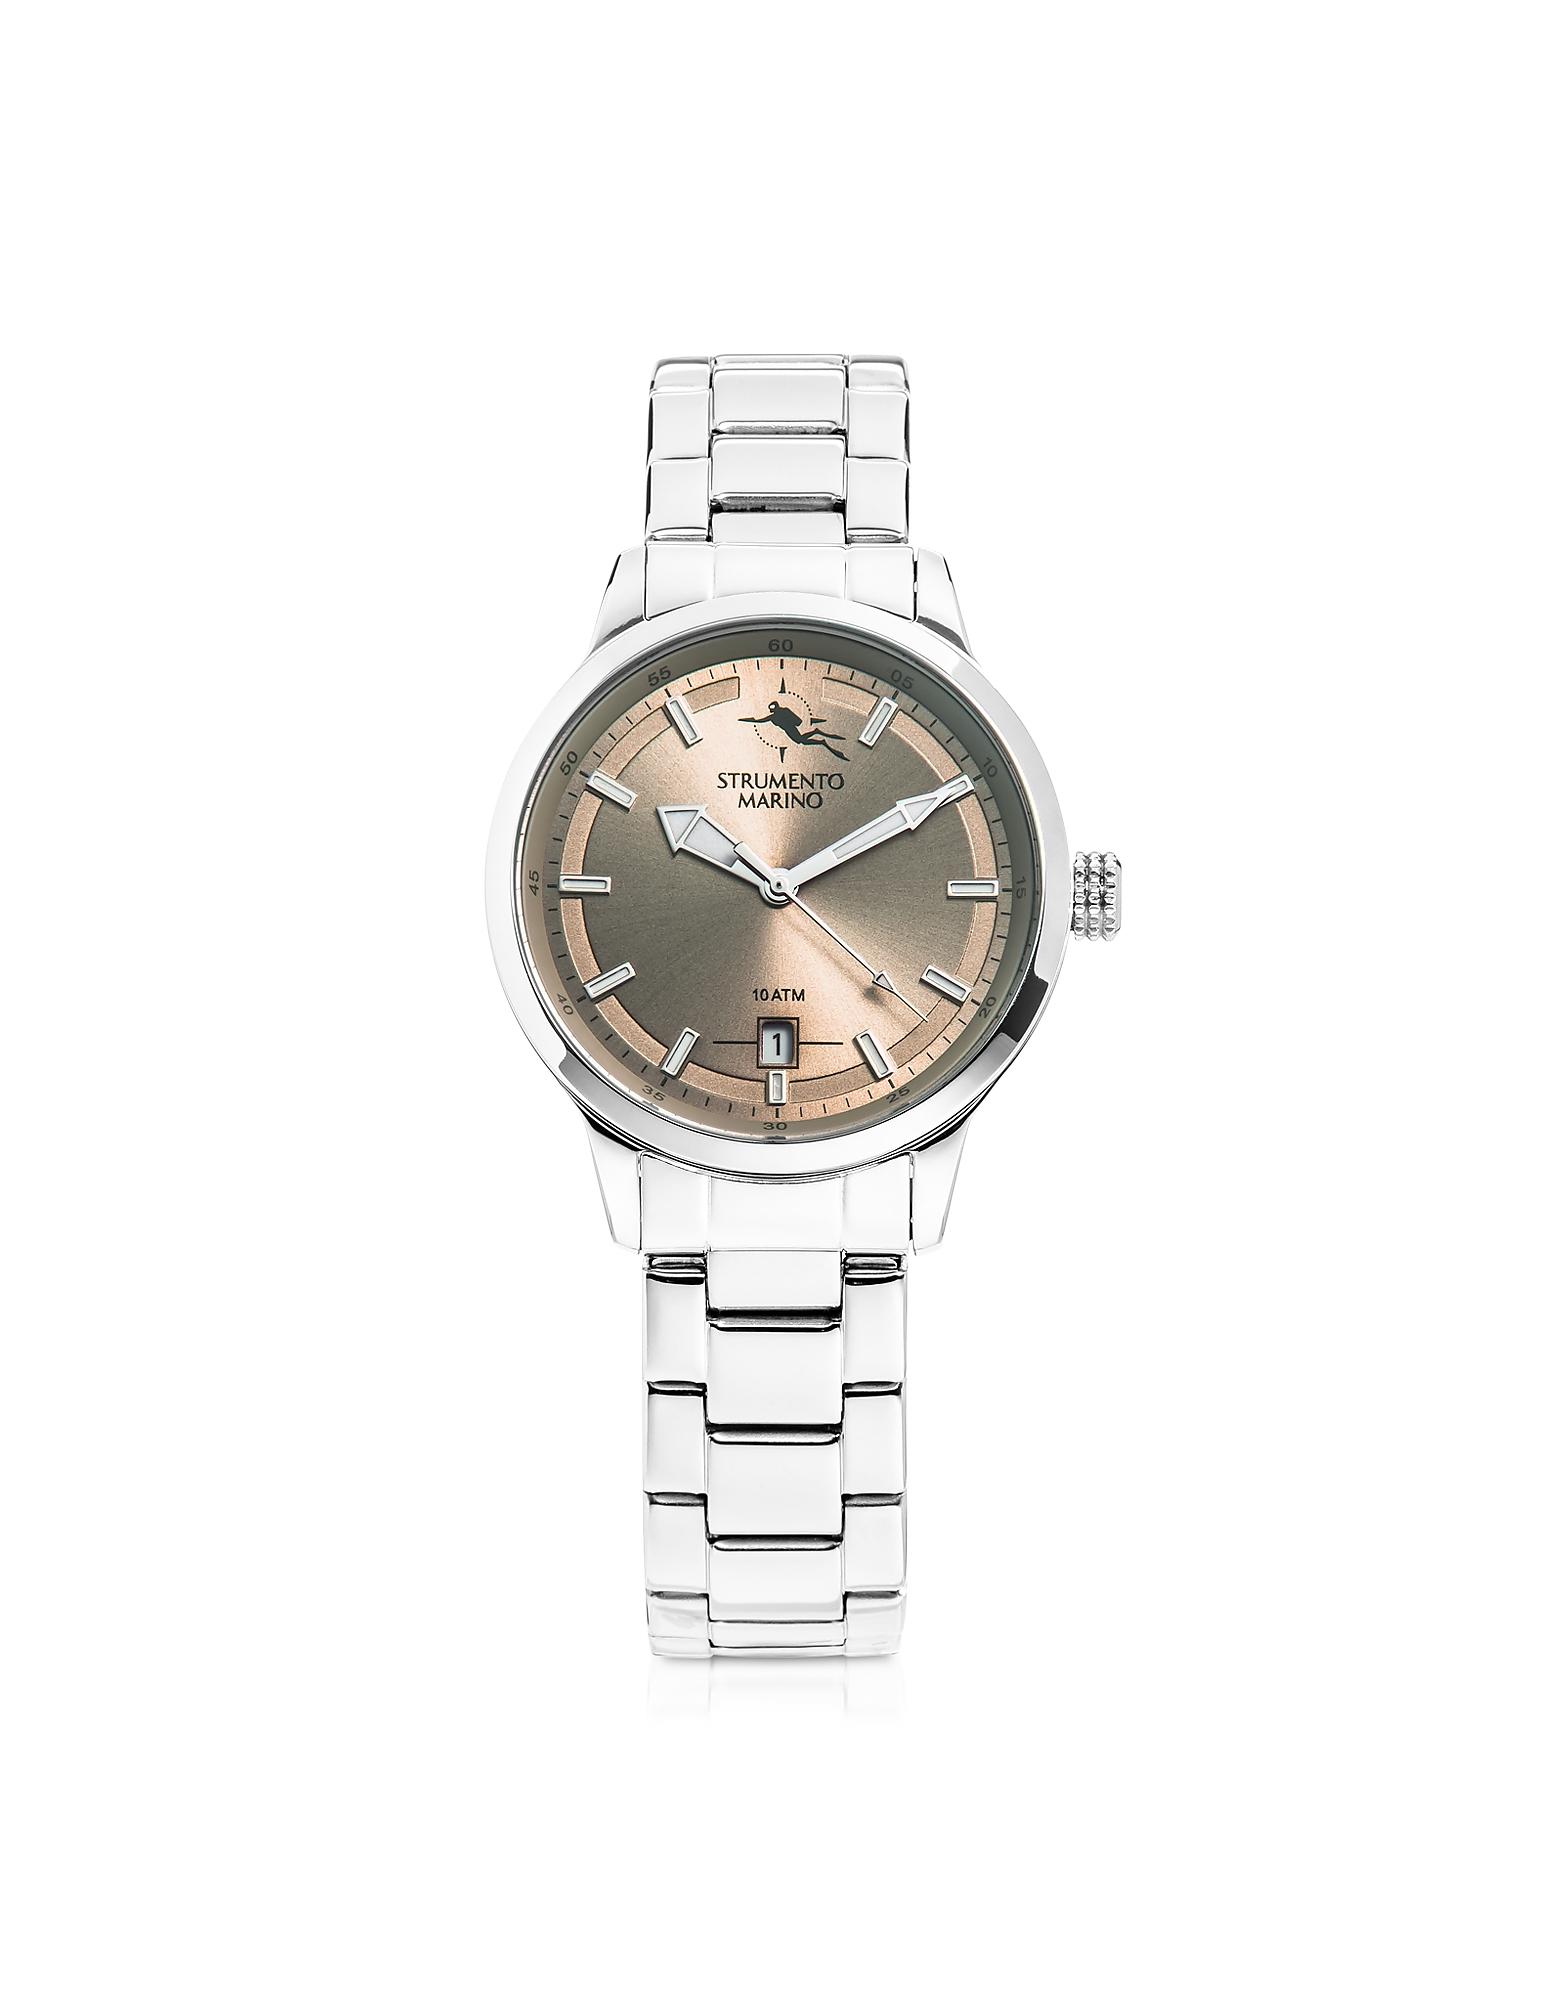 Sirenetta Stainless Steel Women's Watch w/ Butterfly Clasp